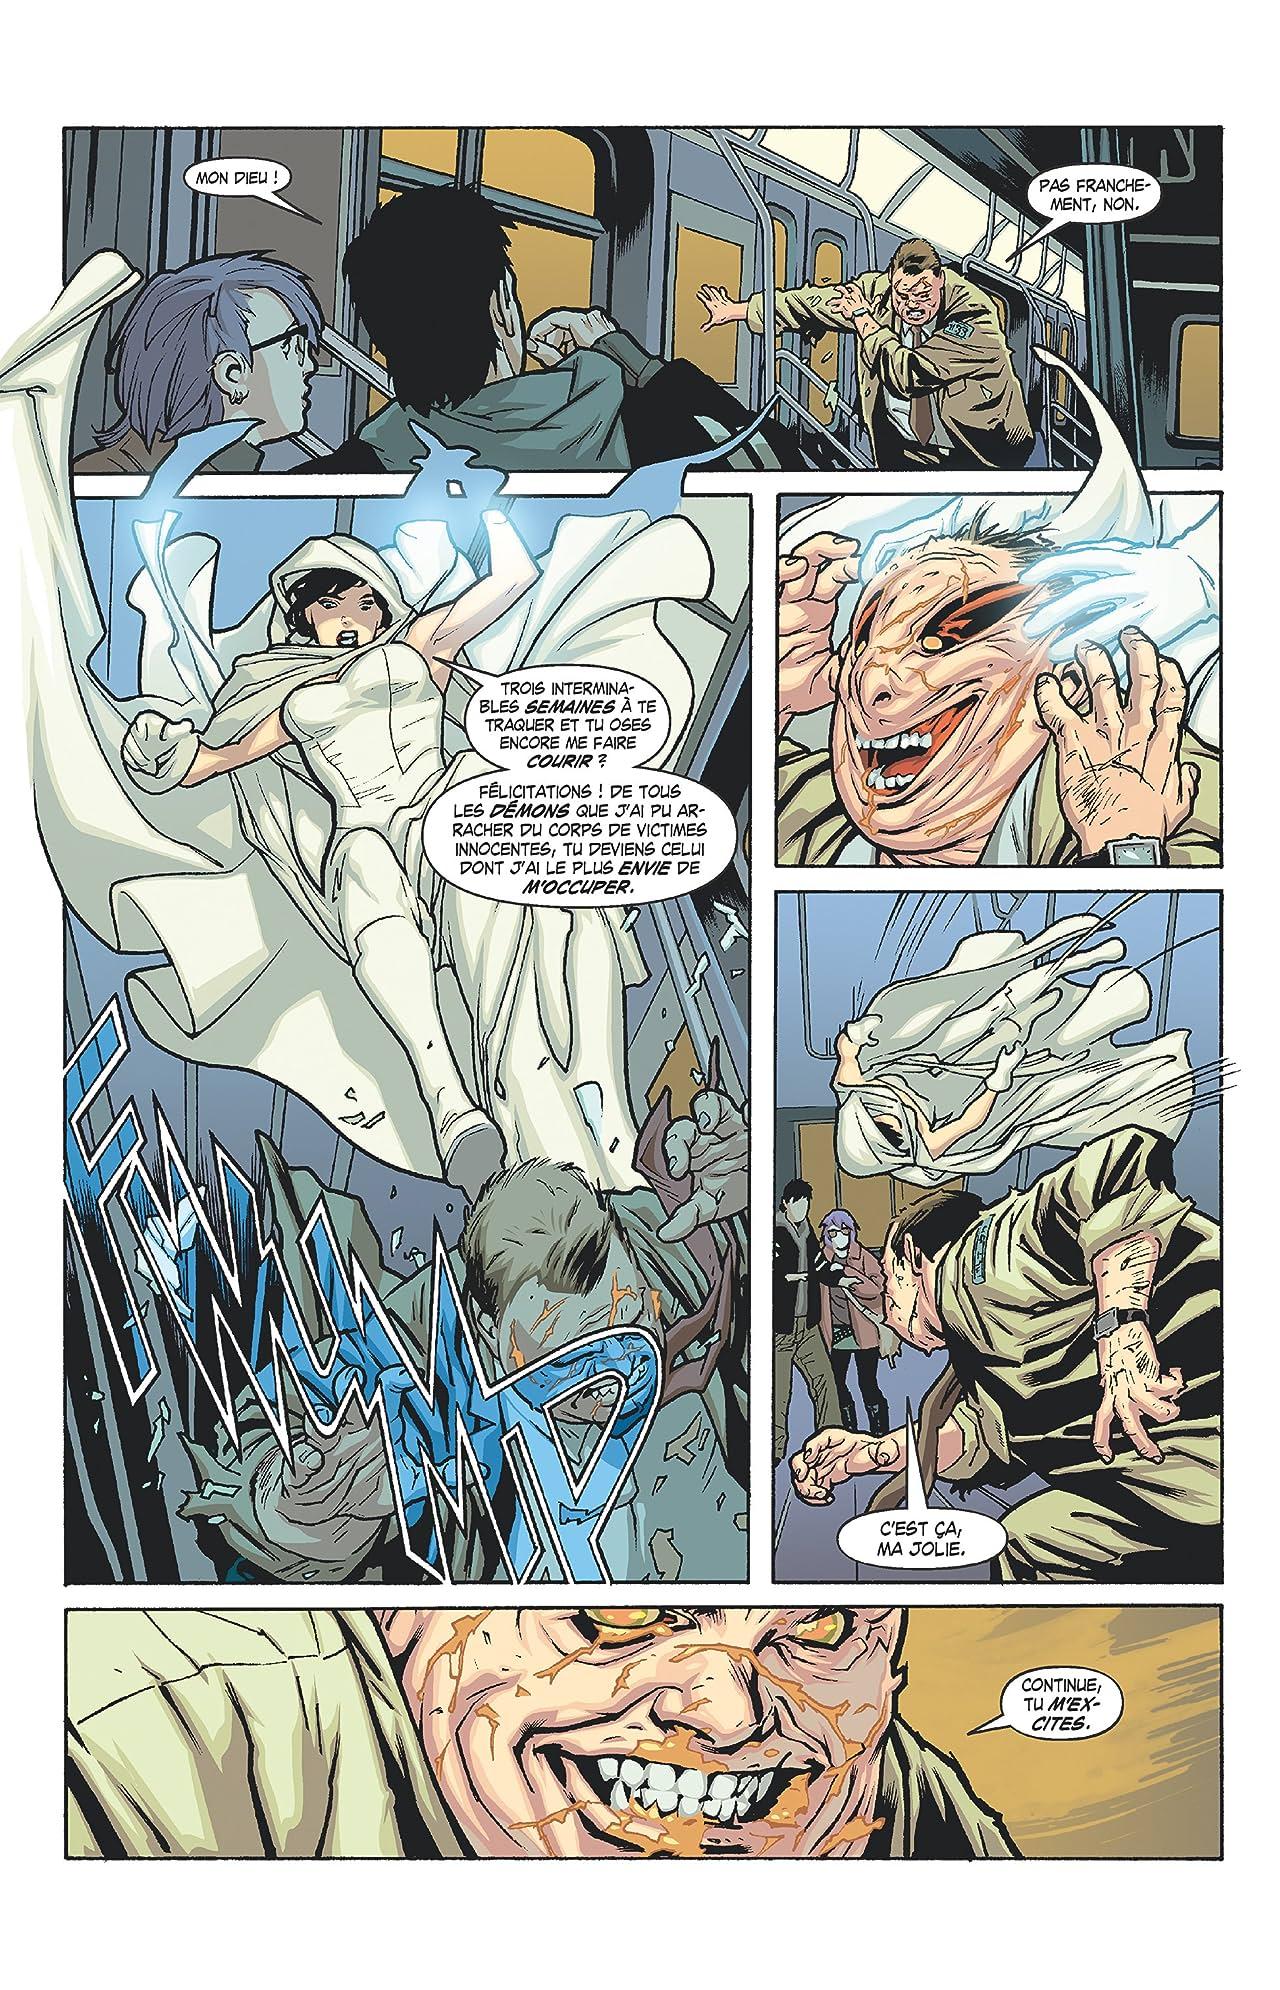 Ghost Vol. 2: Le boucher dans la ville blanche